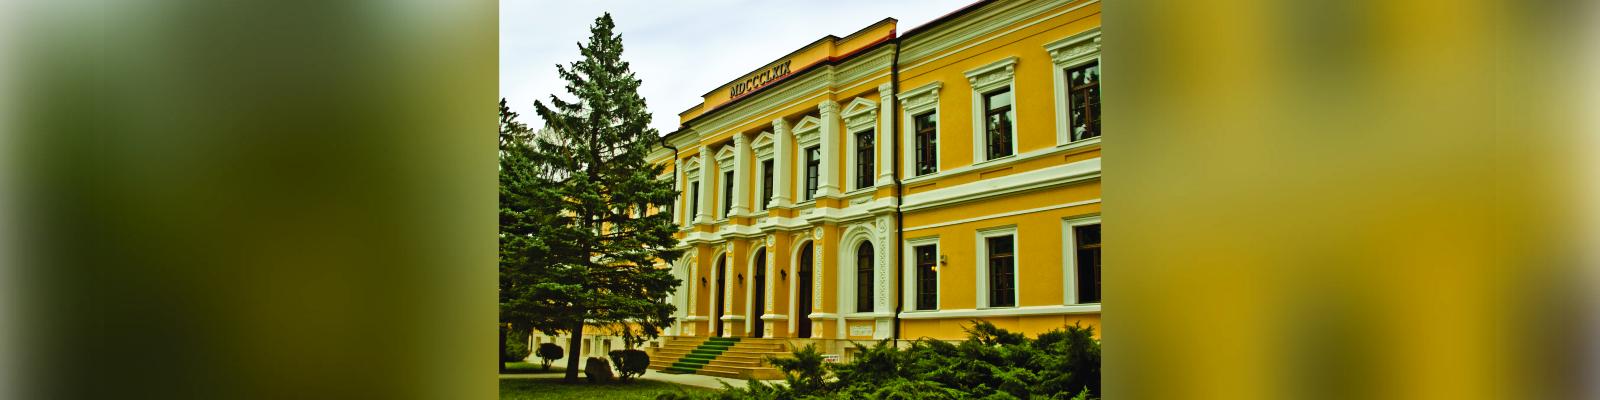 Universitatea de Științe Agricole și Medicină Veterinară din Cluj-Napoca.